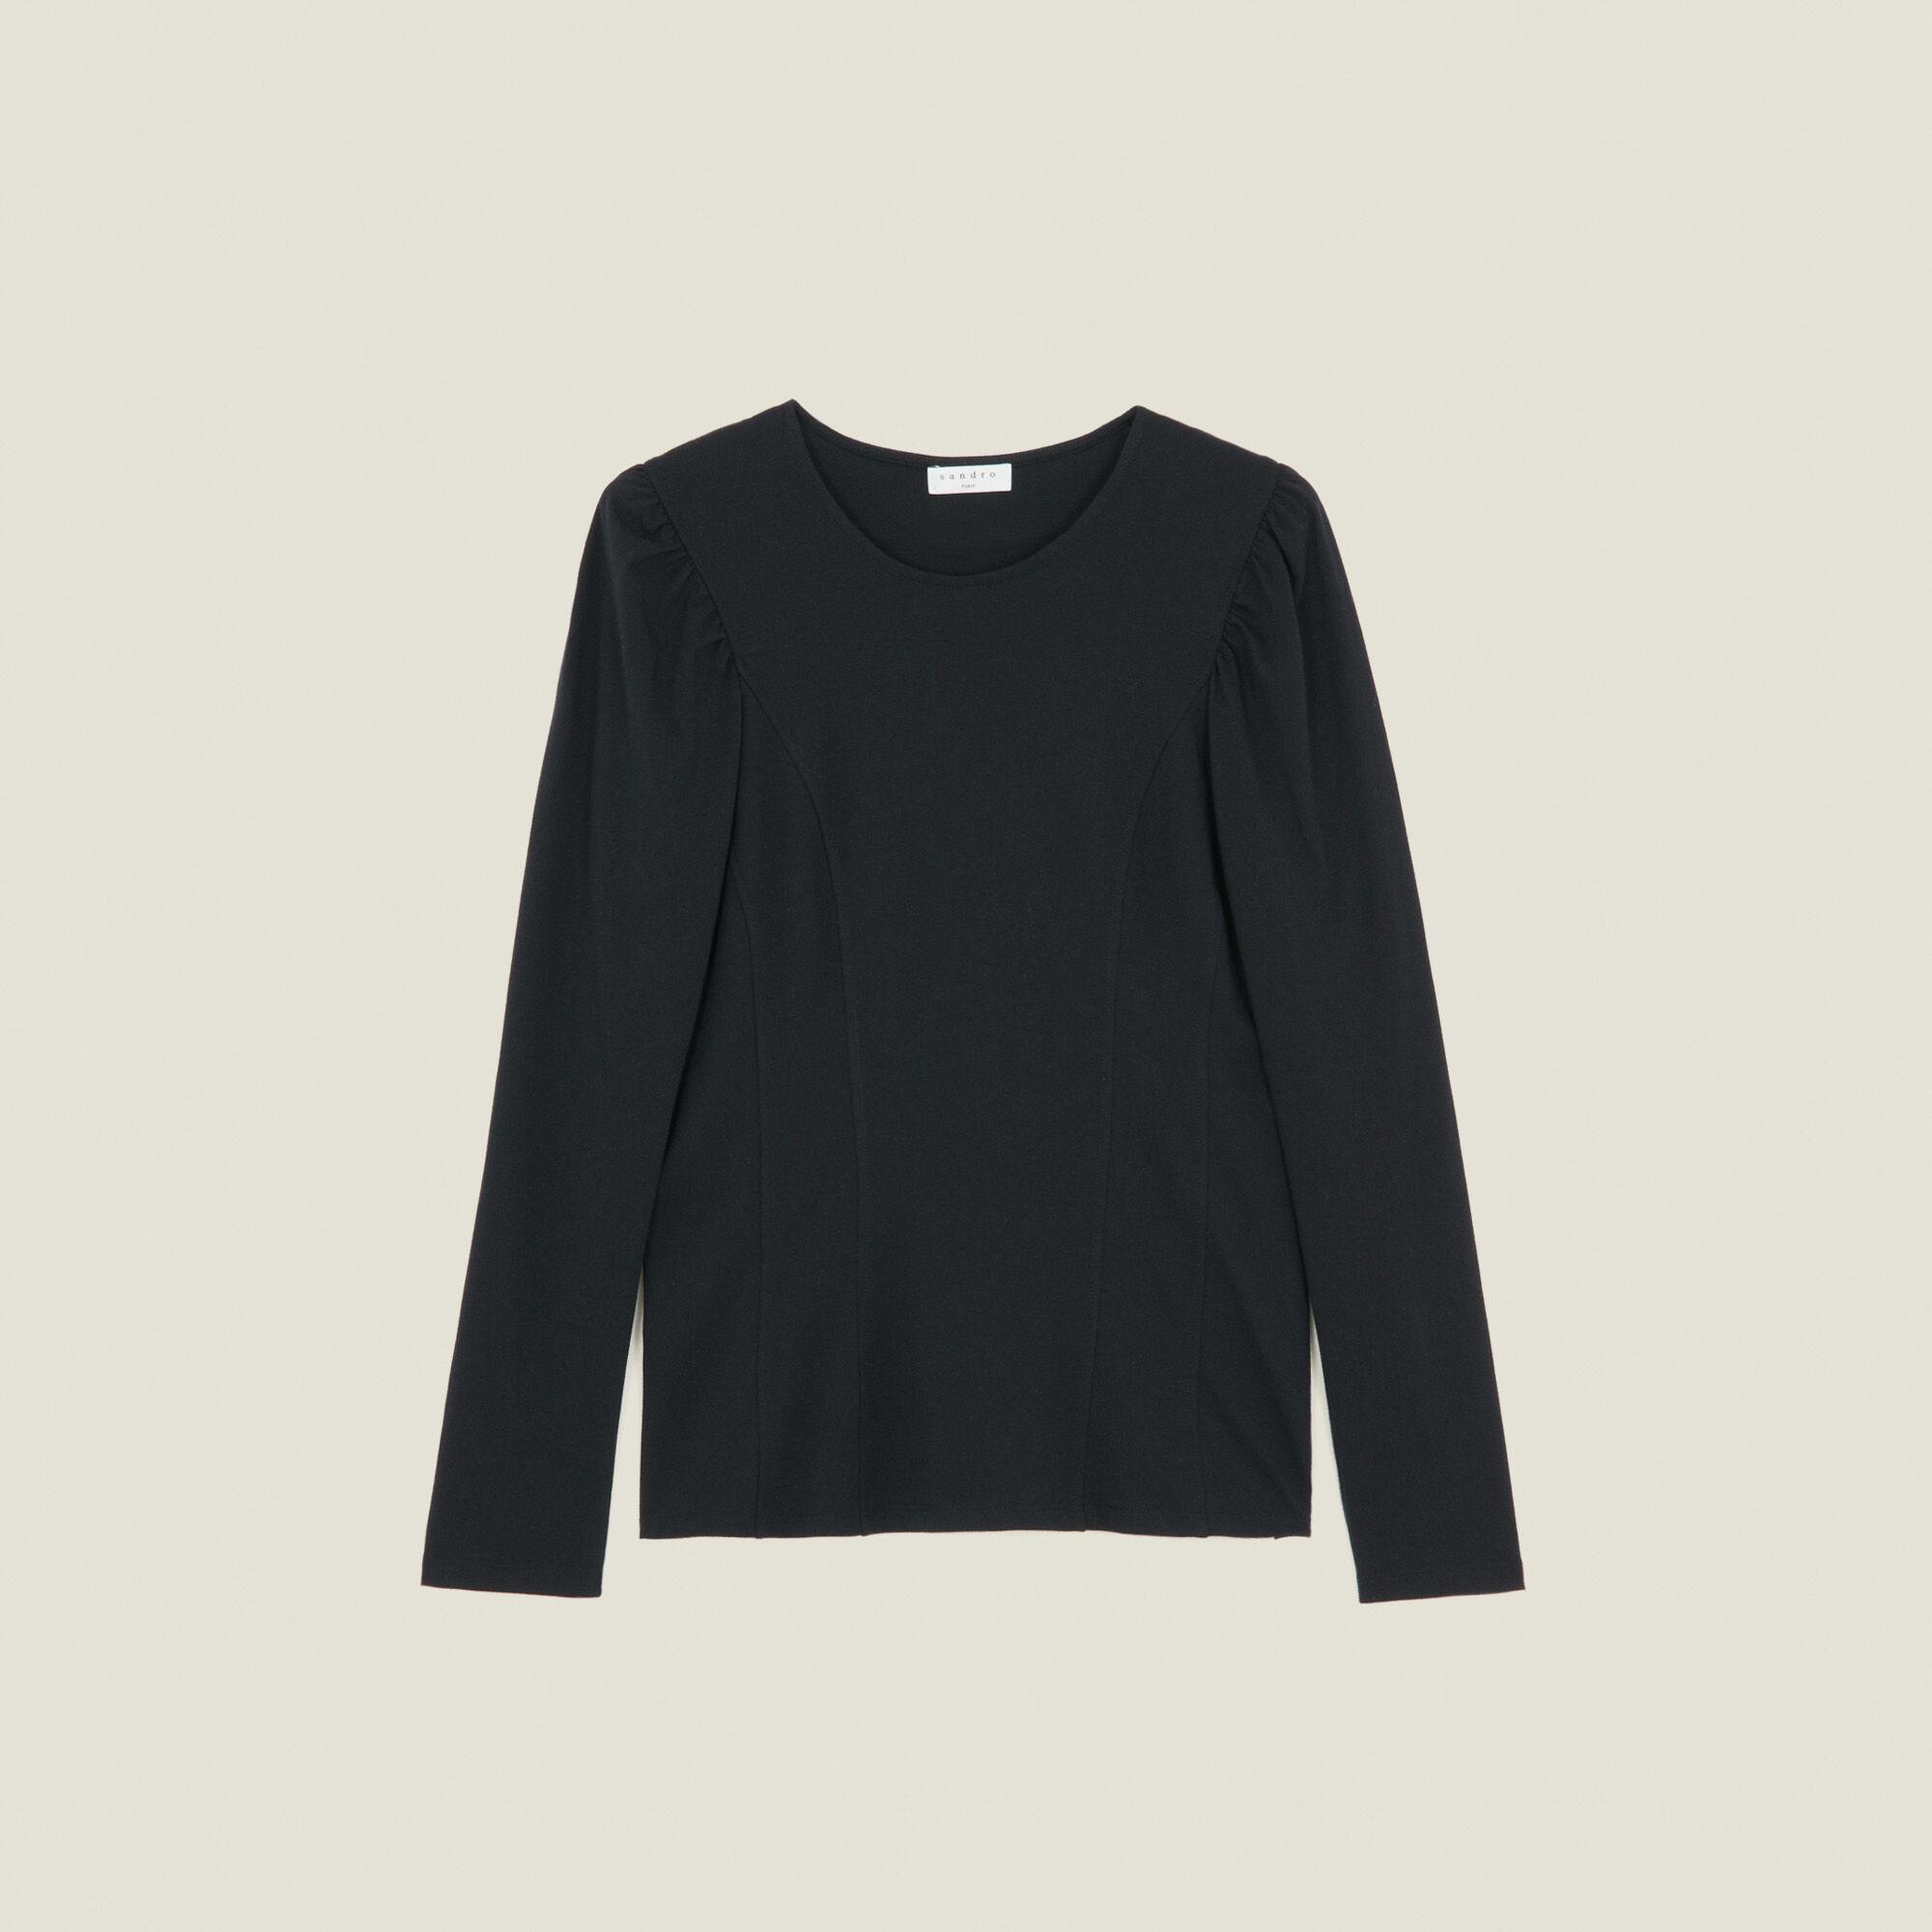 DeSandro Shirts T Collection Paris FemmeNouvelle XNwZP8nOk0